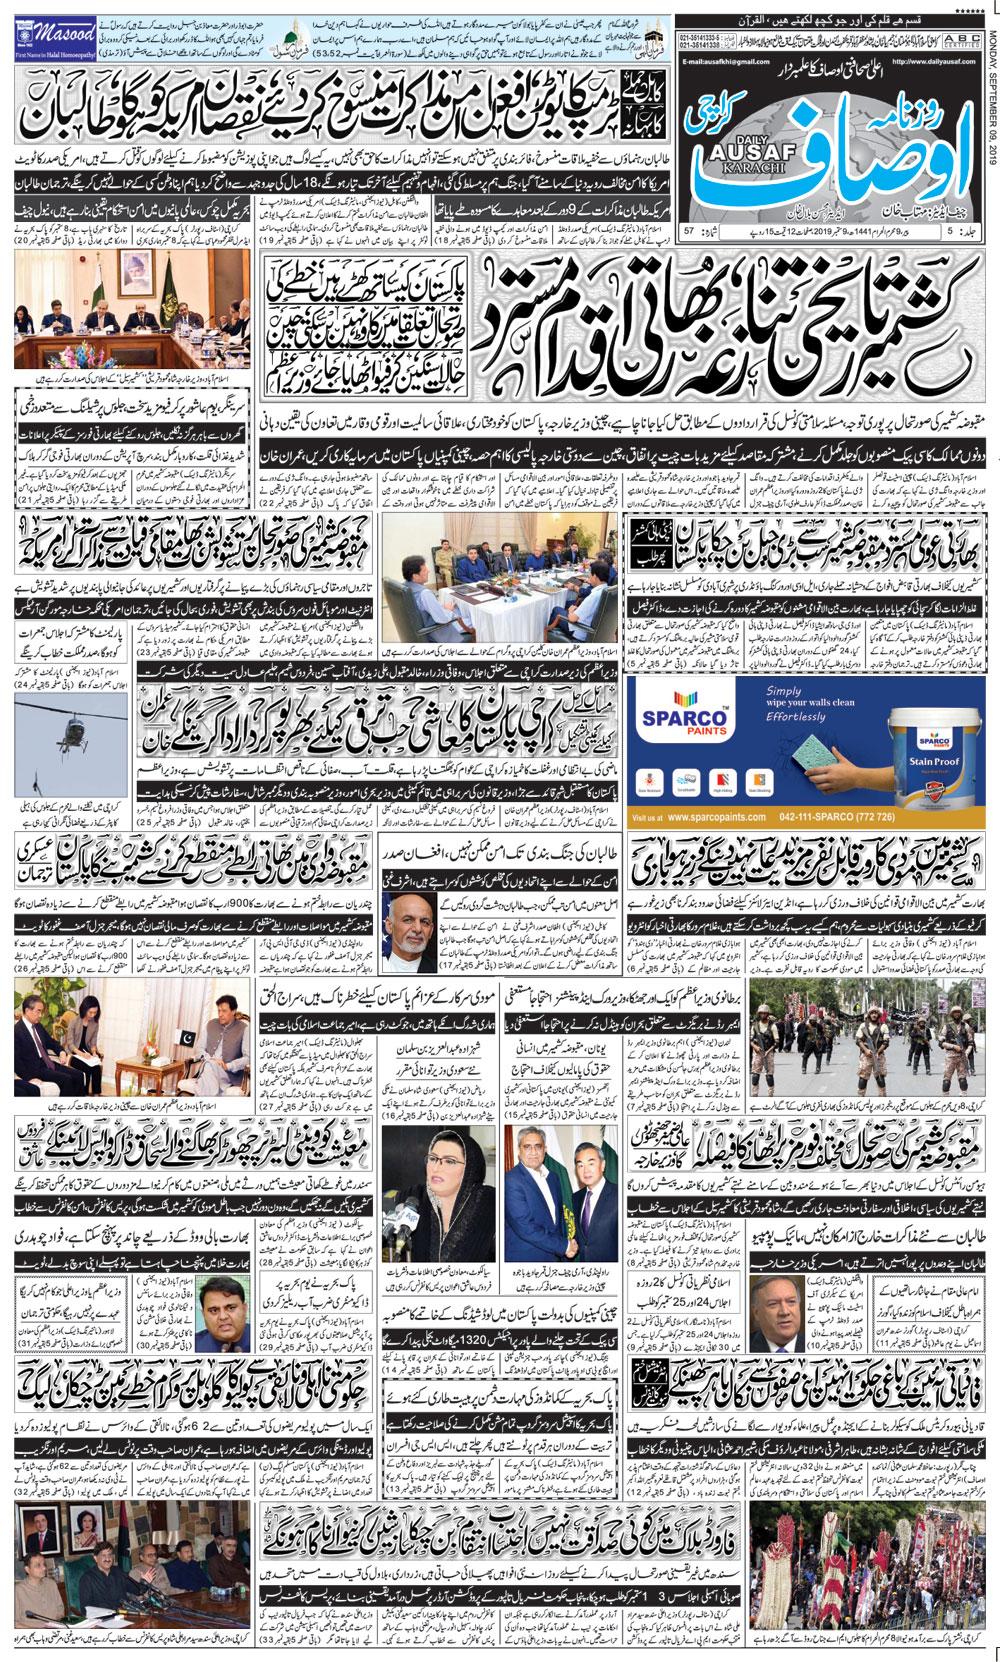 Urdu Newspaper   Pakistan News Urdu  Daily Urdu News  Urdu